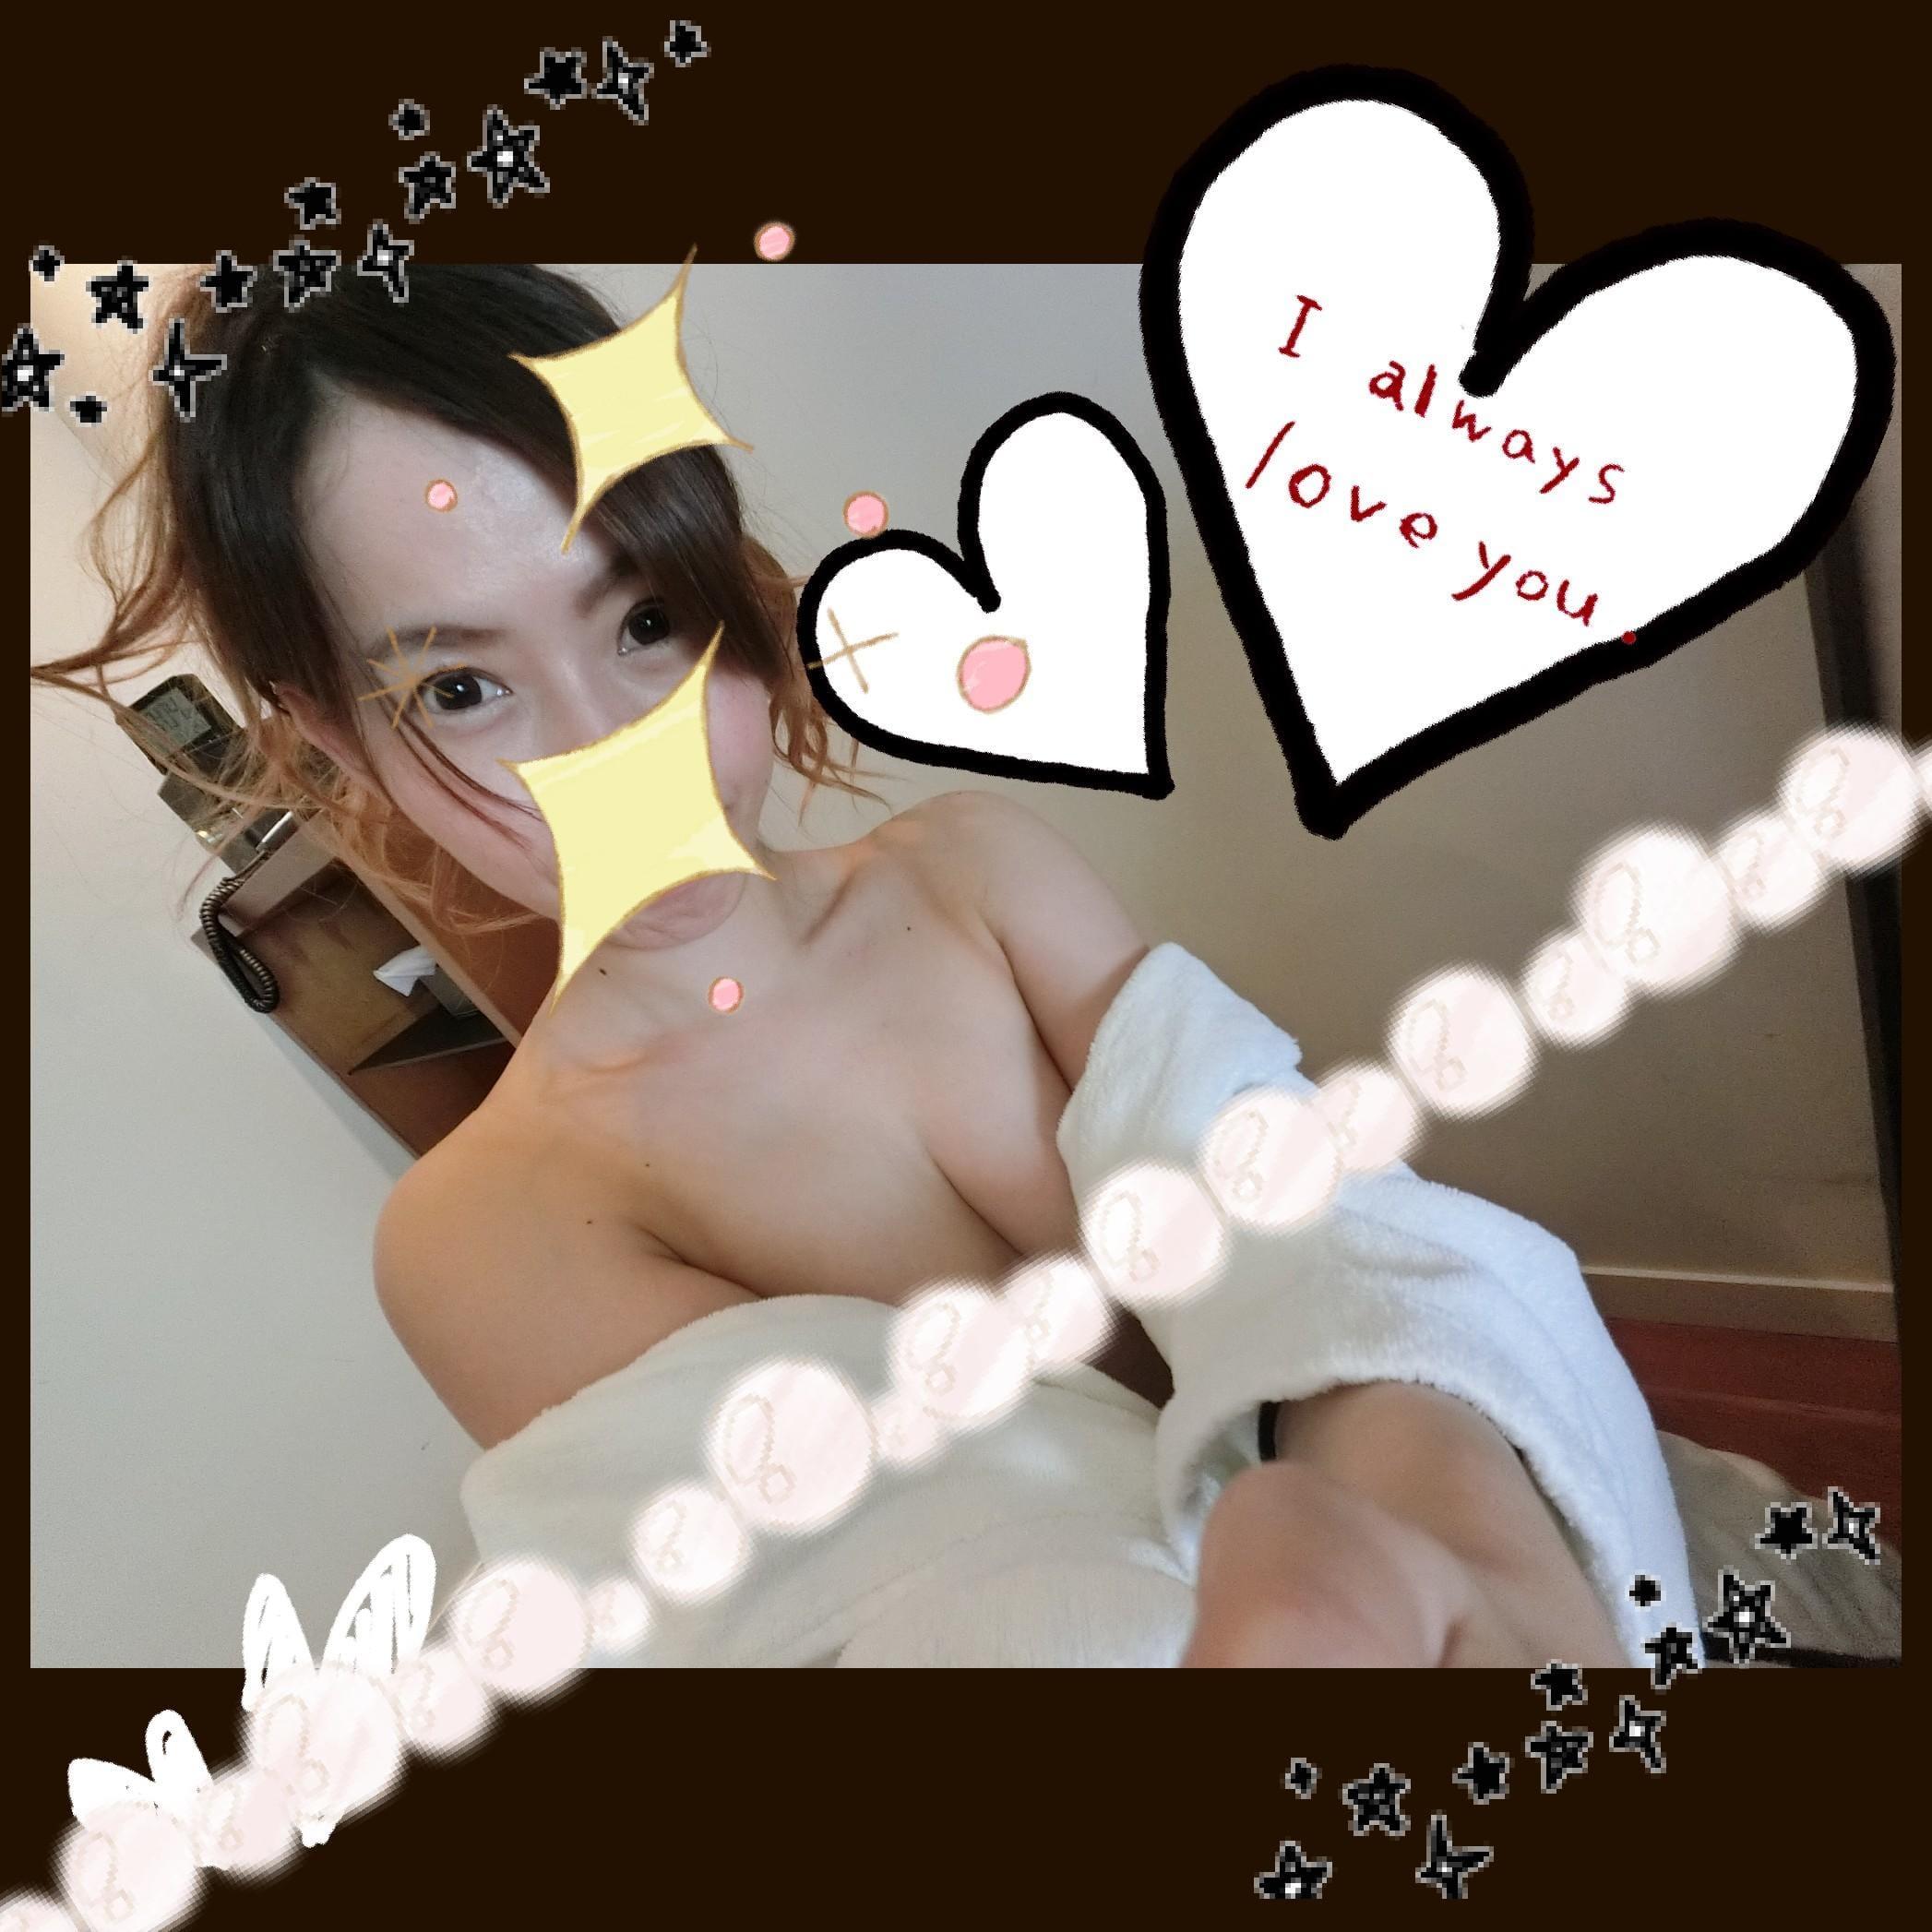 「こんばんは(*^^*)」07/10(07/10) 21:01   寧々(ねね)の写メ・風俗動画